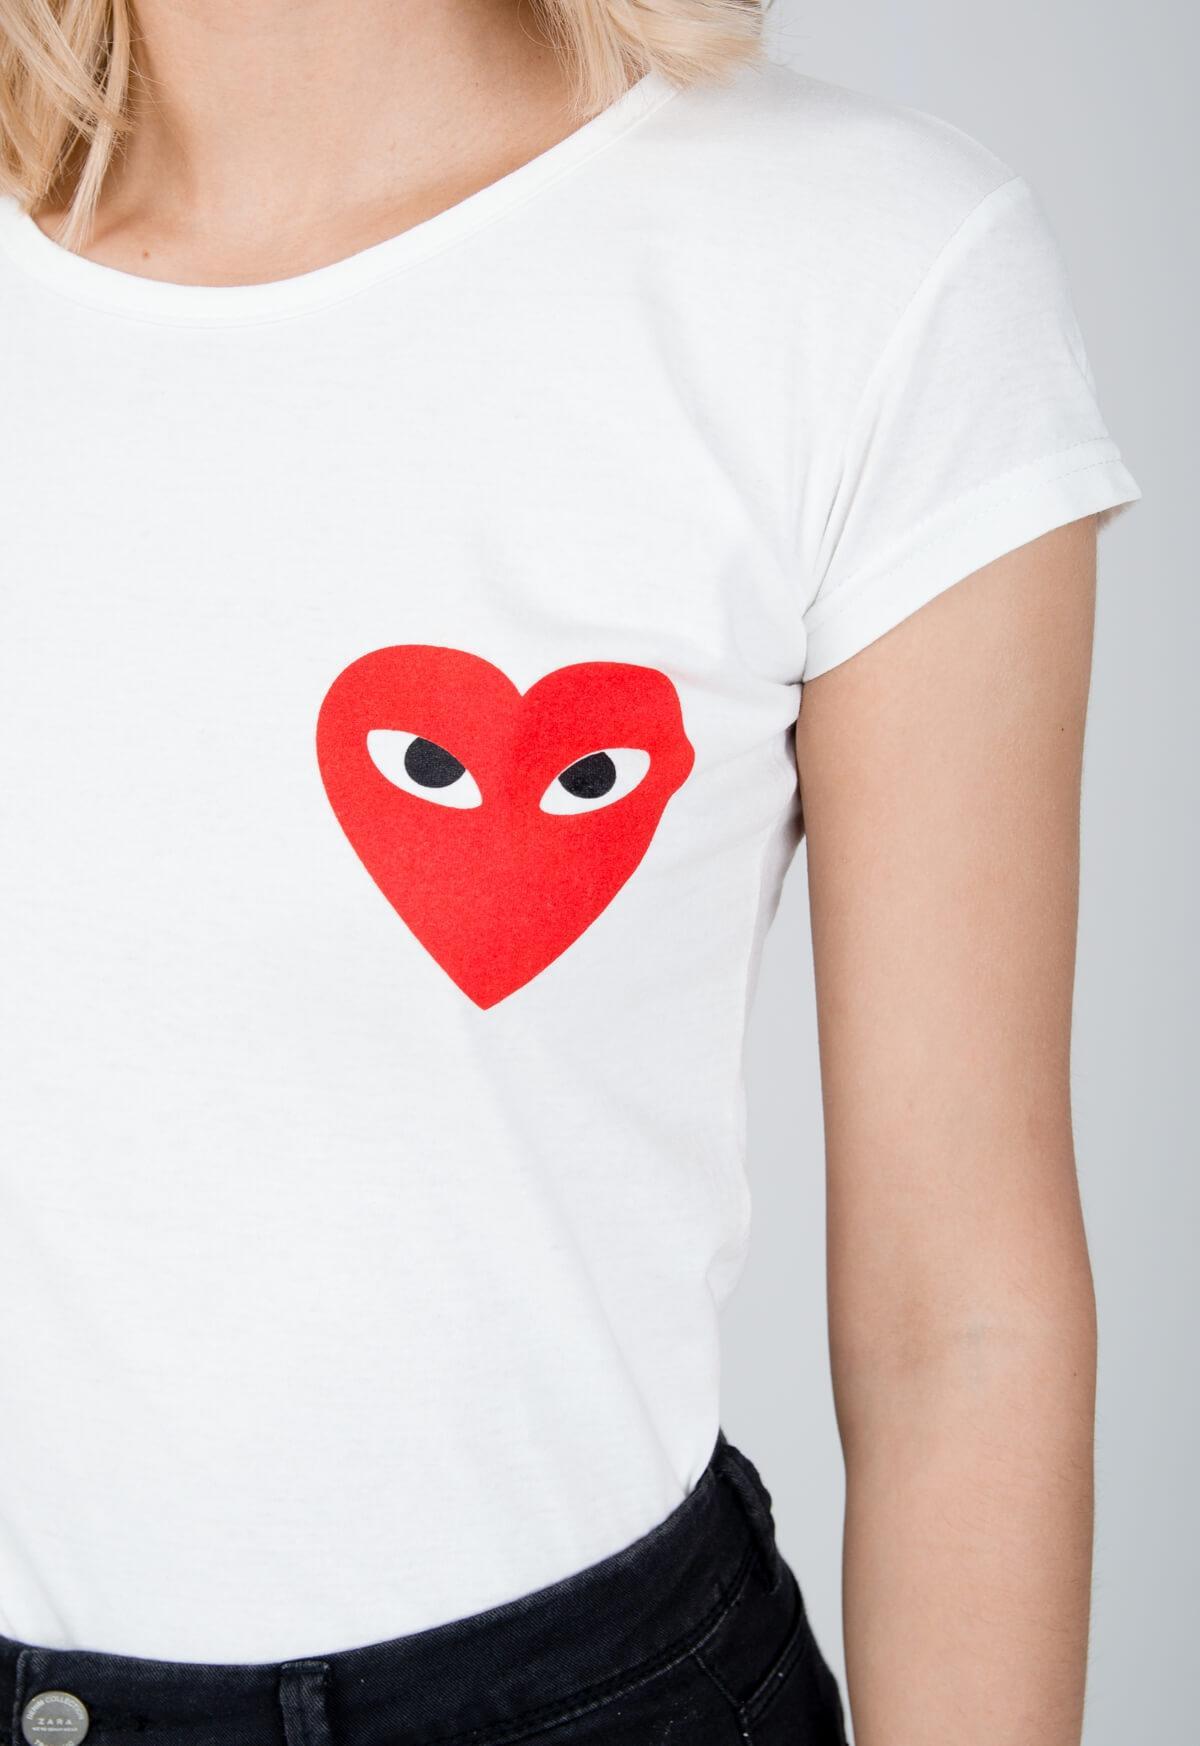 24dbeff26fc8 Klasické biele tričko s krátkym rukávom a potlačou srdiečka - ROUZIT.SK